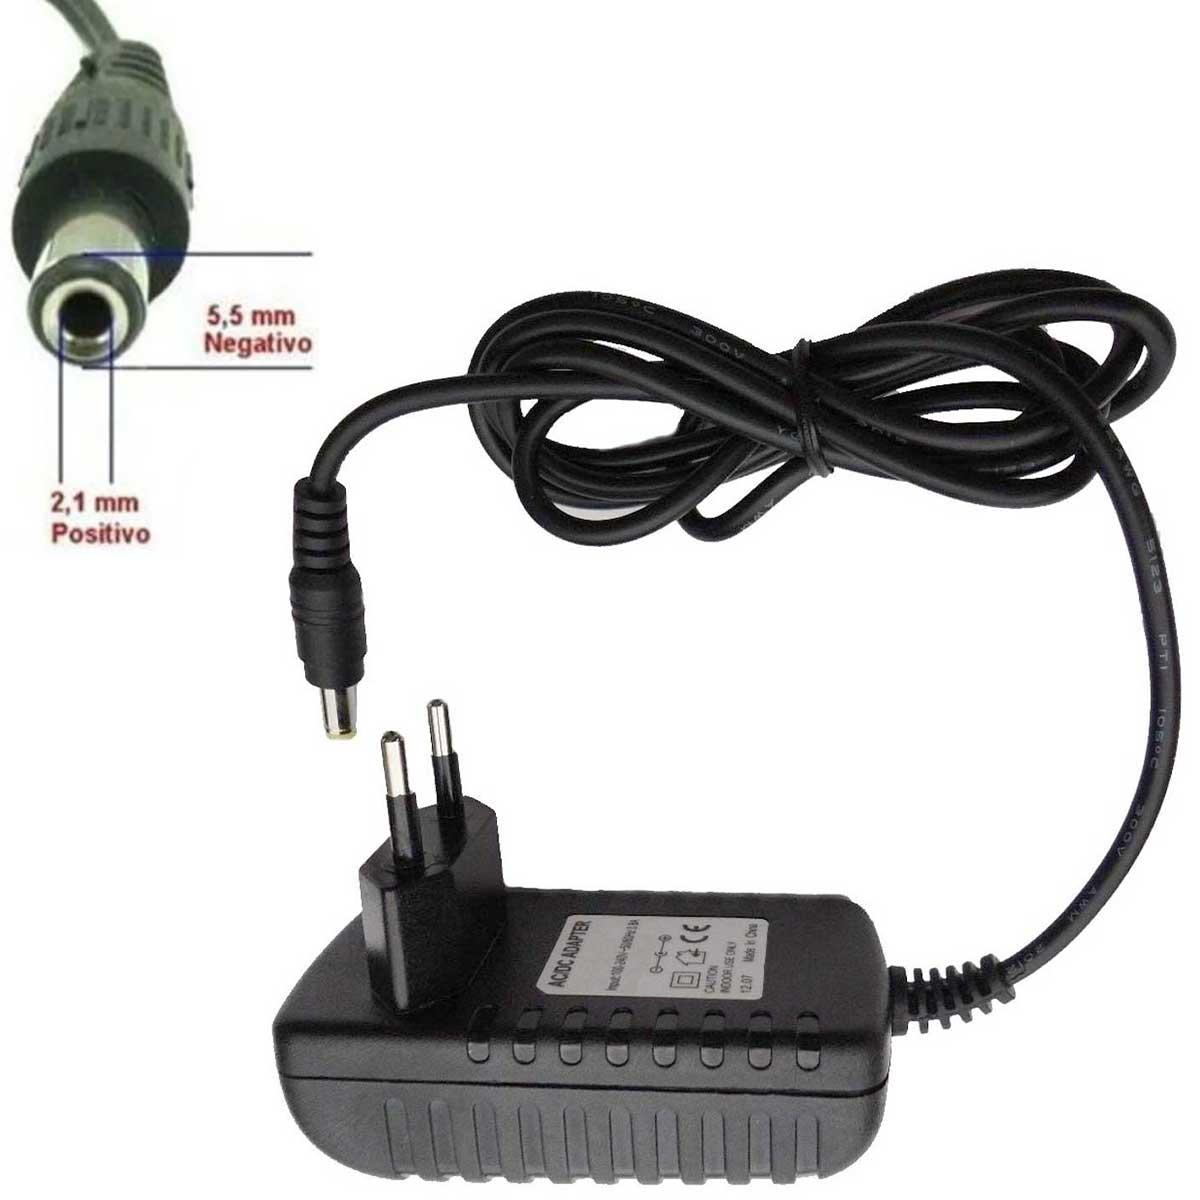 KIT Carregador Universal para BMS até 5s: Fonte 24v 1A Parede + LM2596 Display + Rabicho